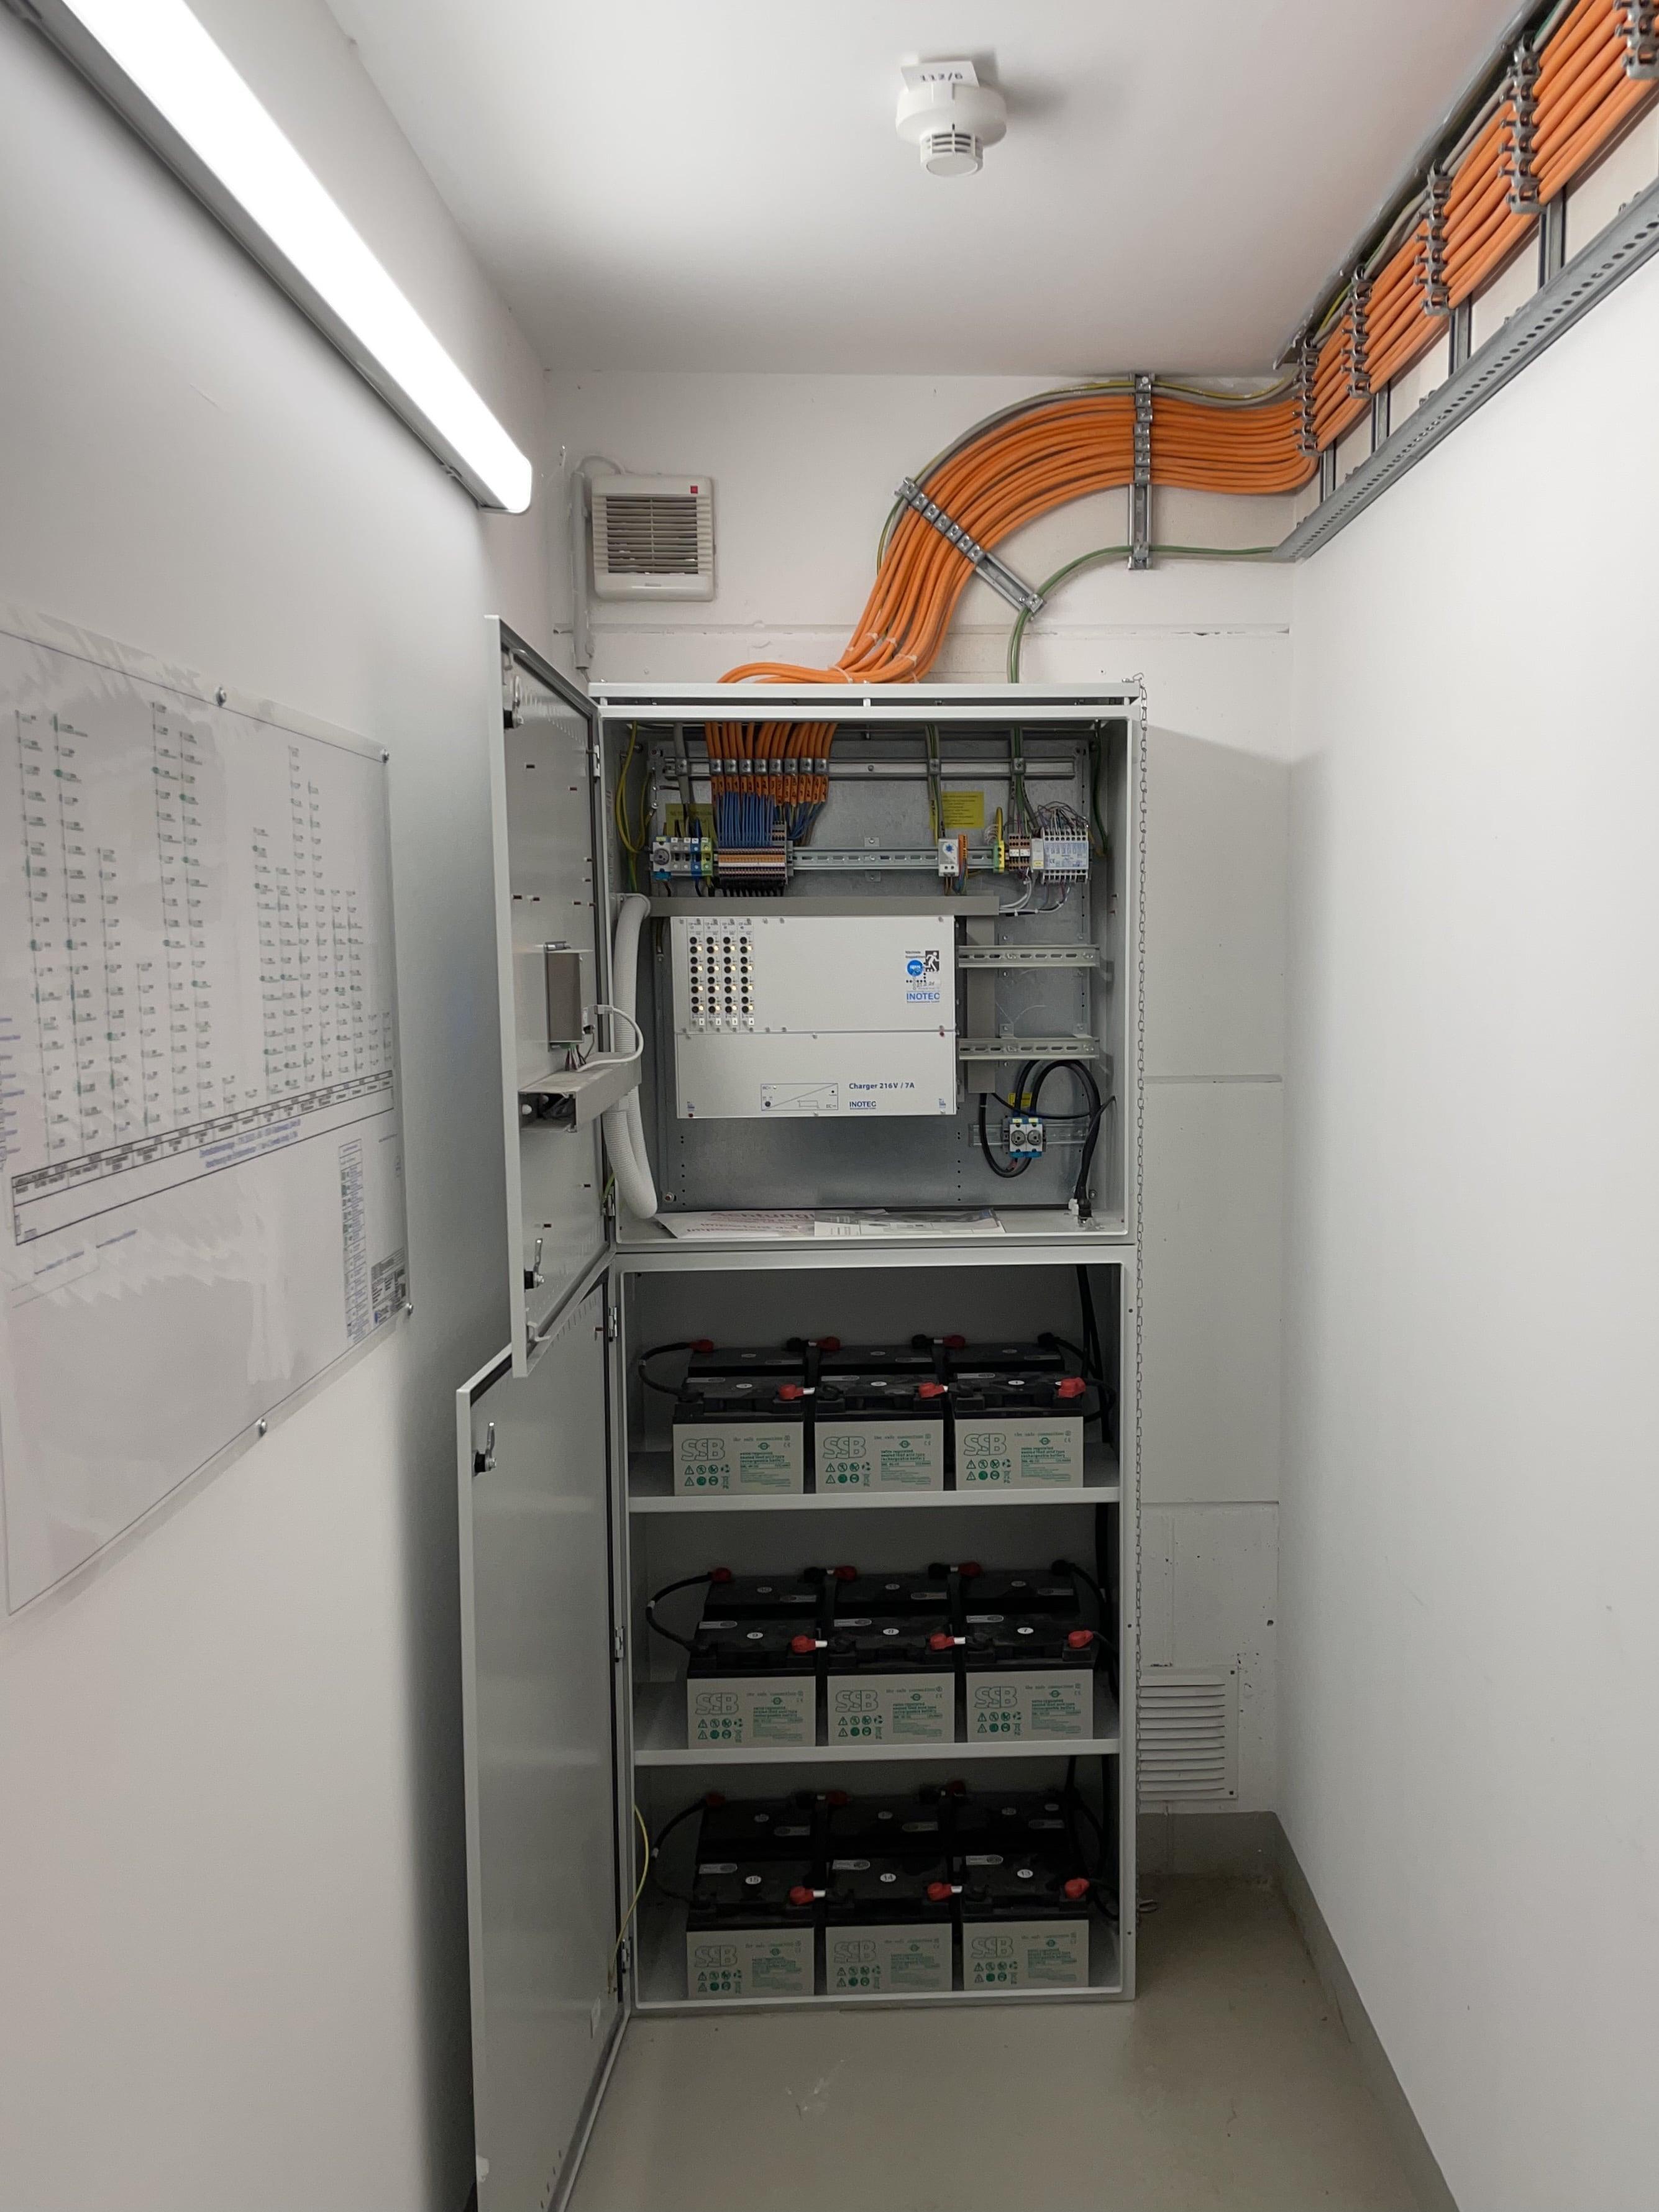 Installation und Anschluss eines Notstromaggregrats